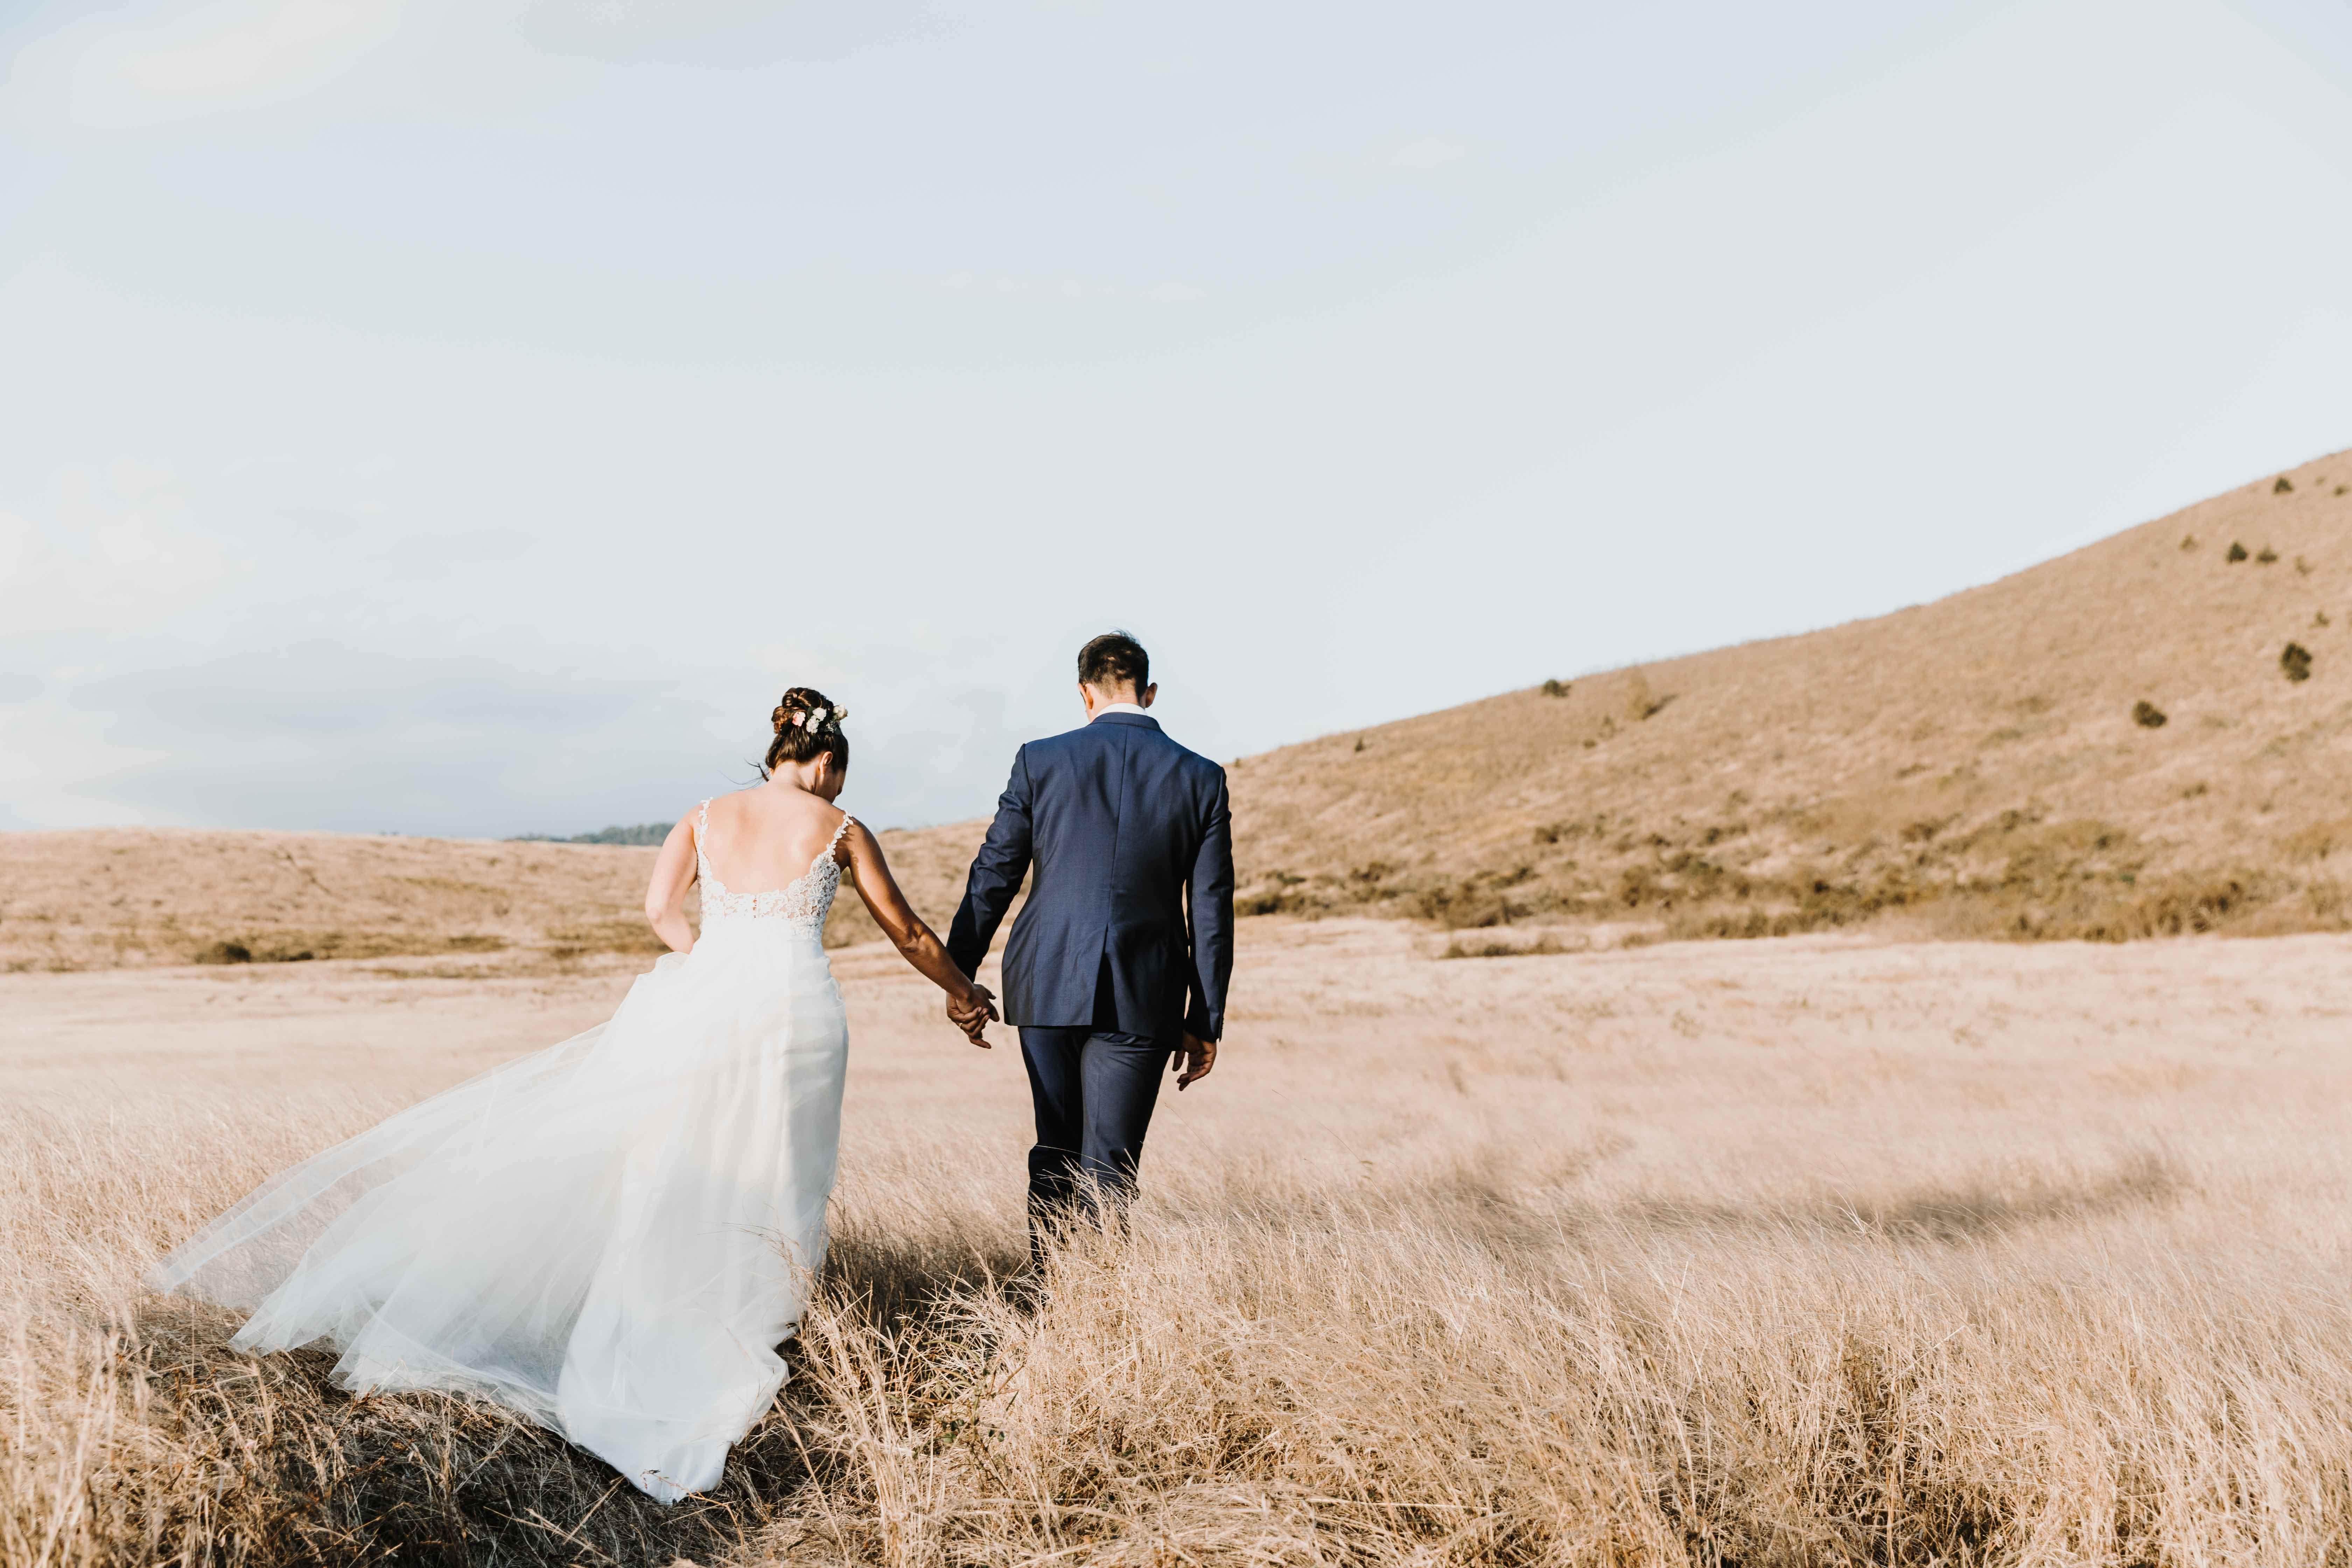 les mariés marchent main dans la main, de dos, dans les hautes herbes